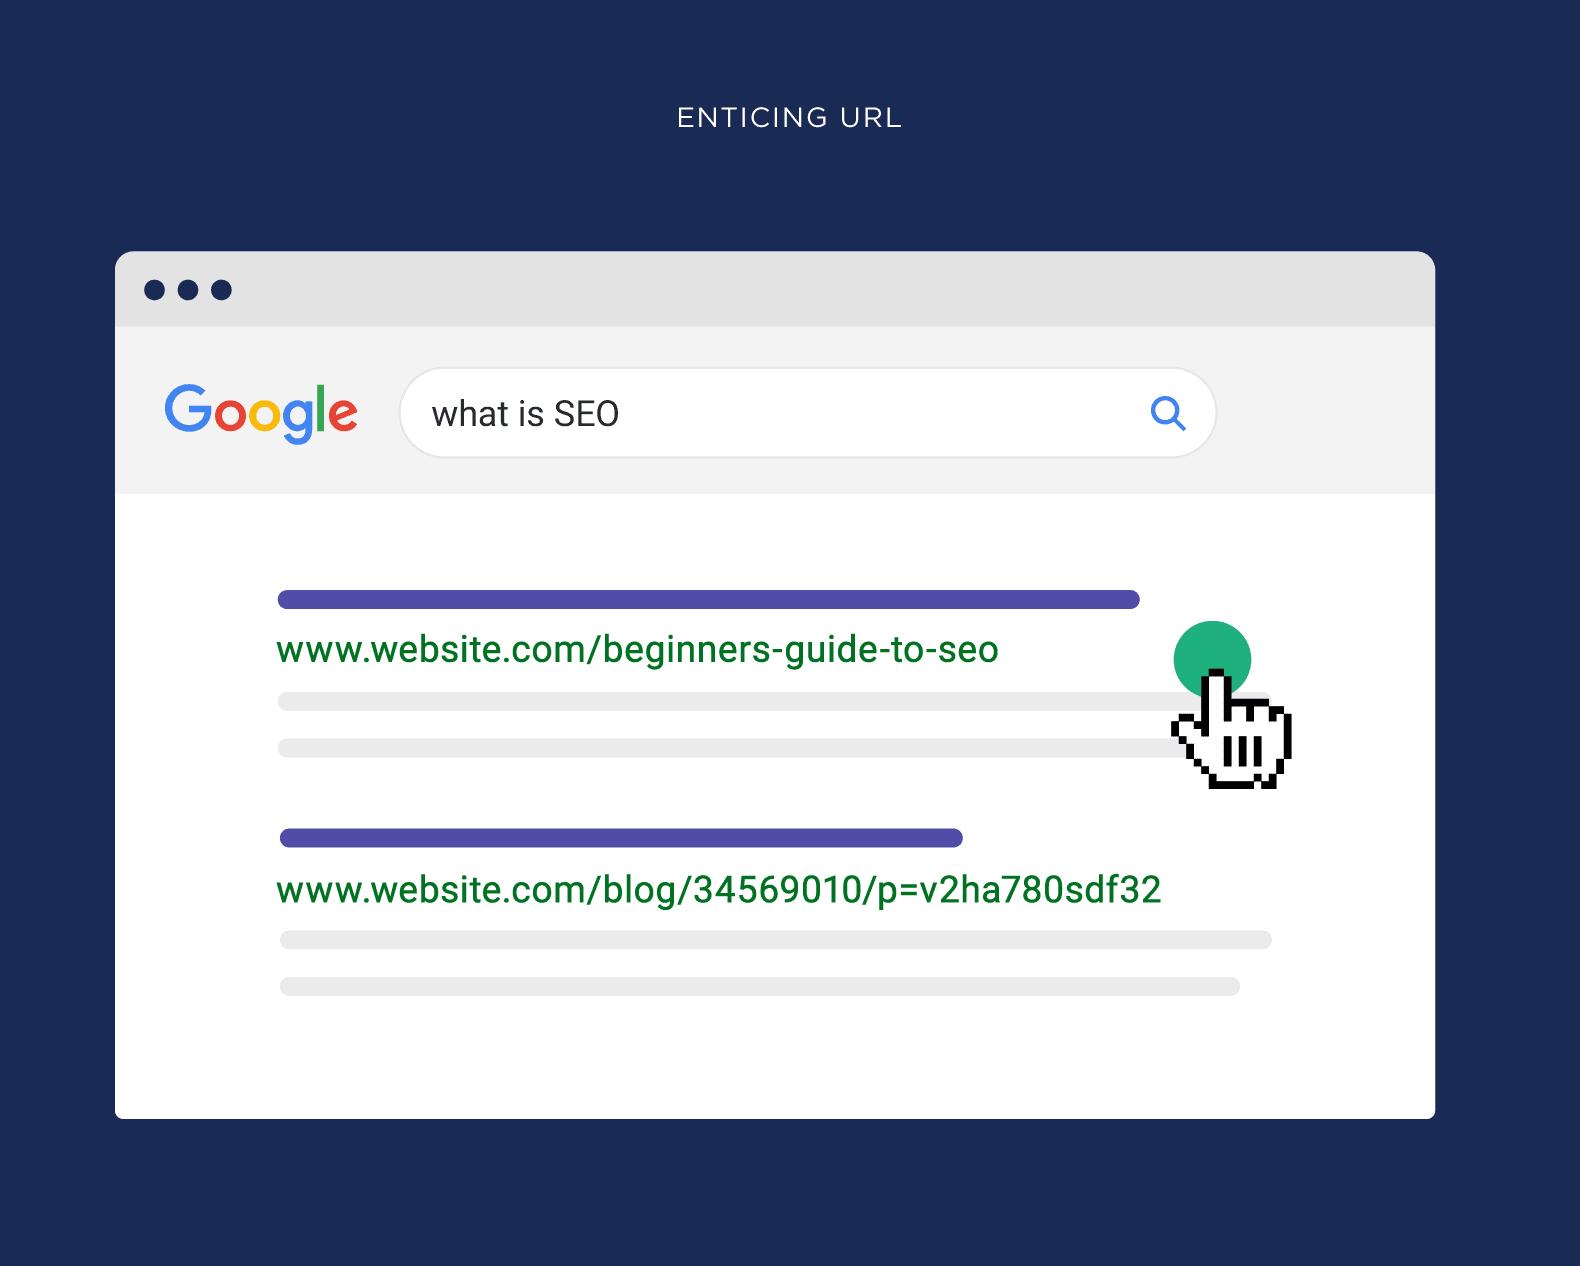 Enticing URL